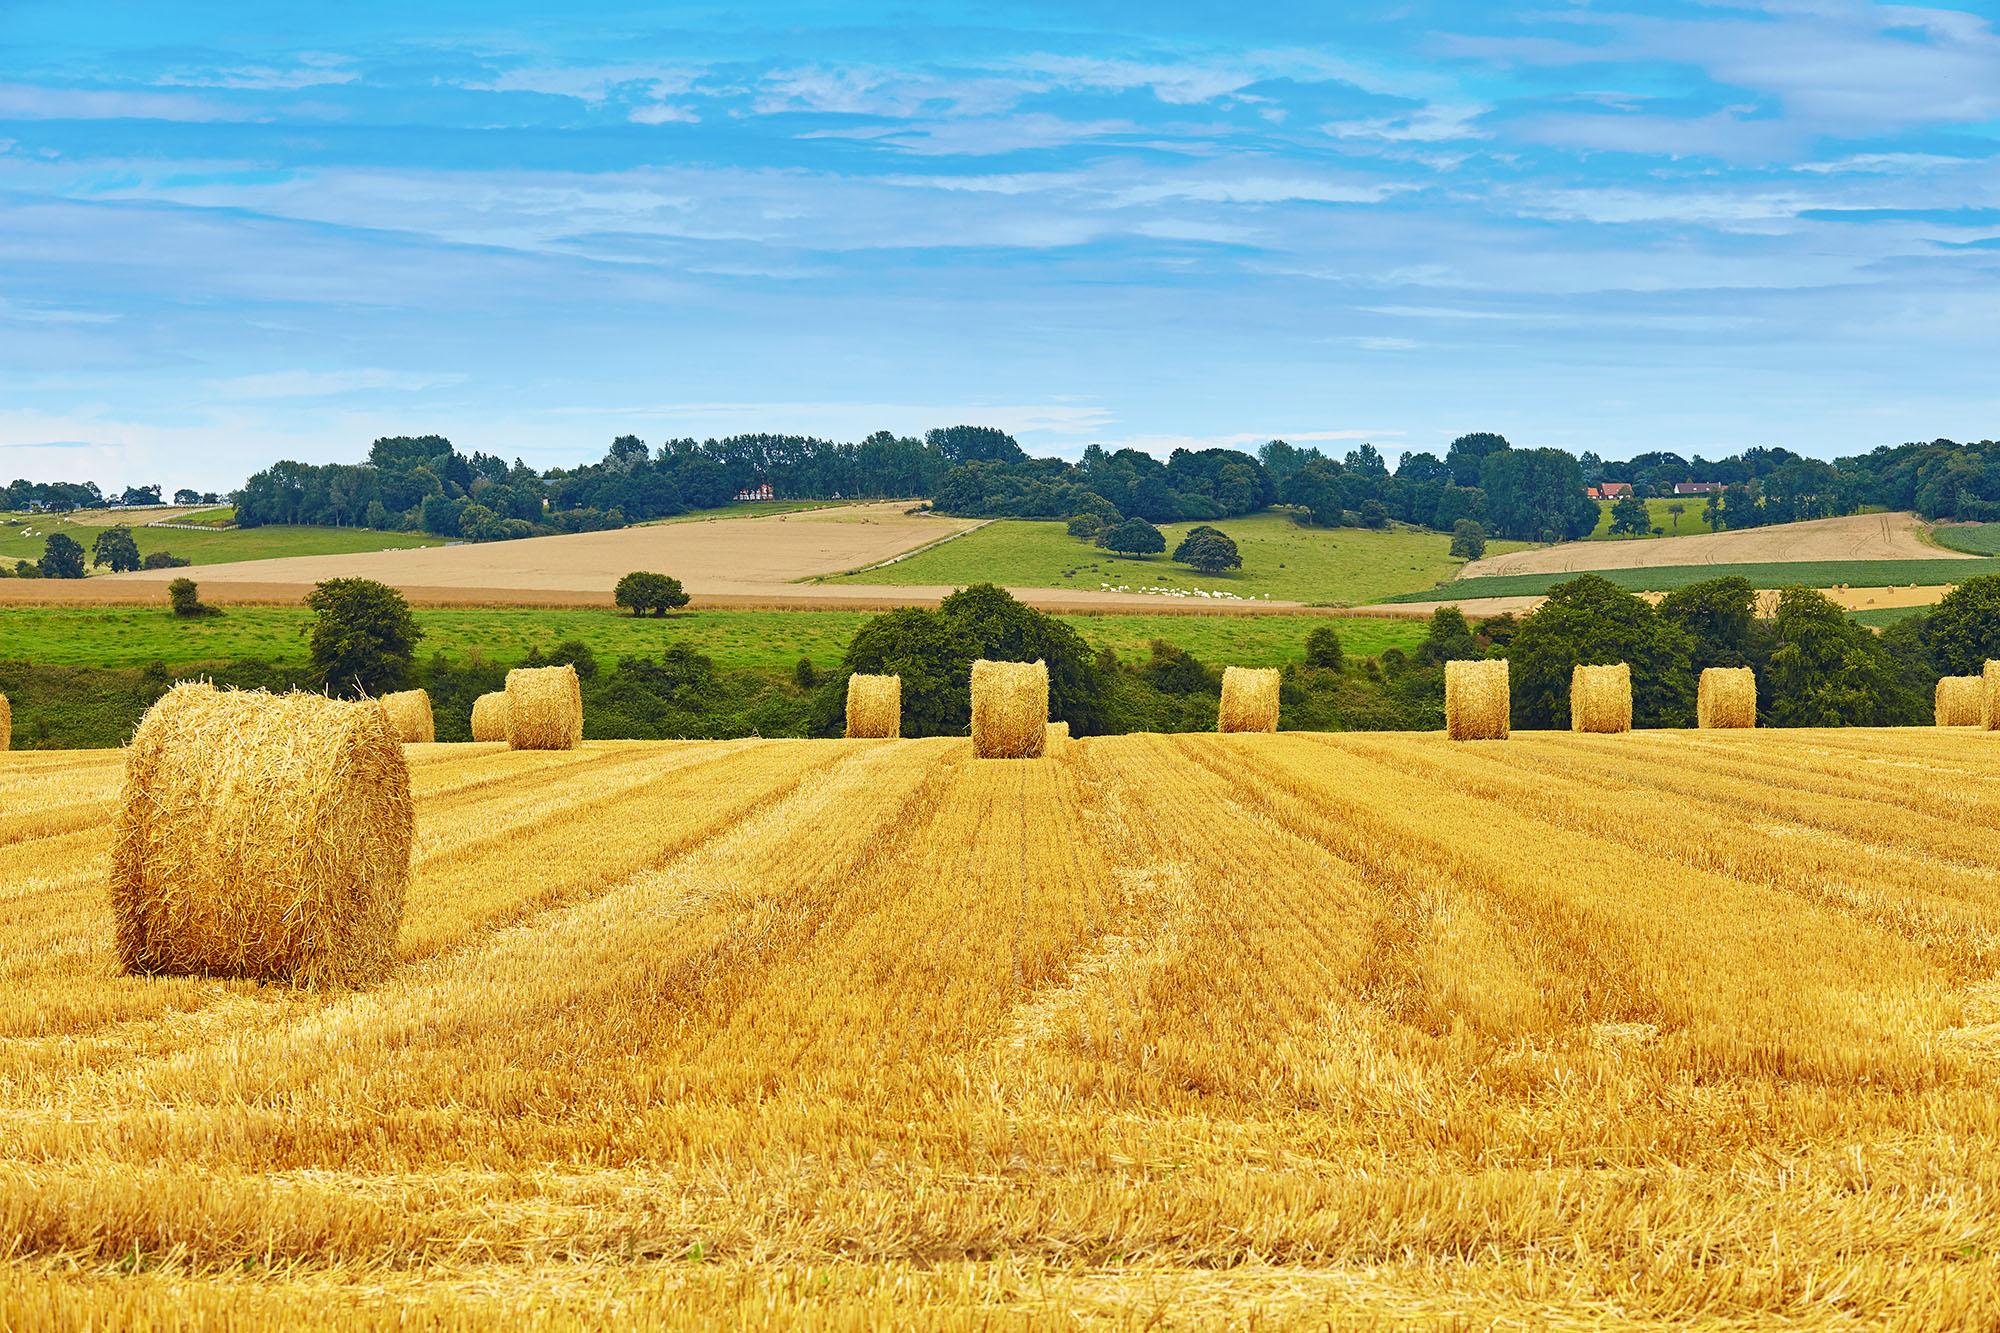 Wheat Straw Bales in field